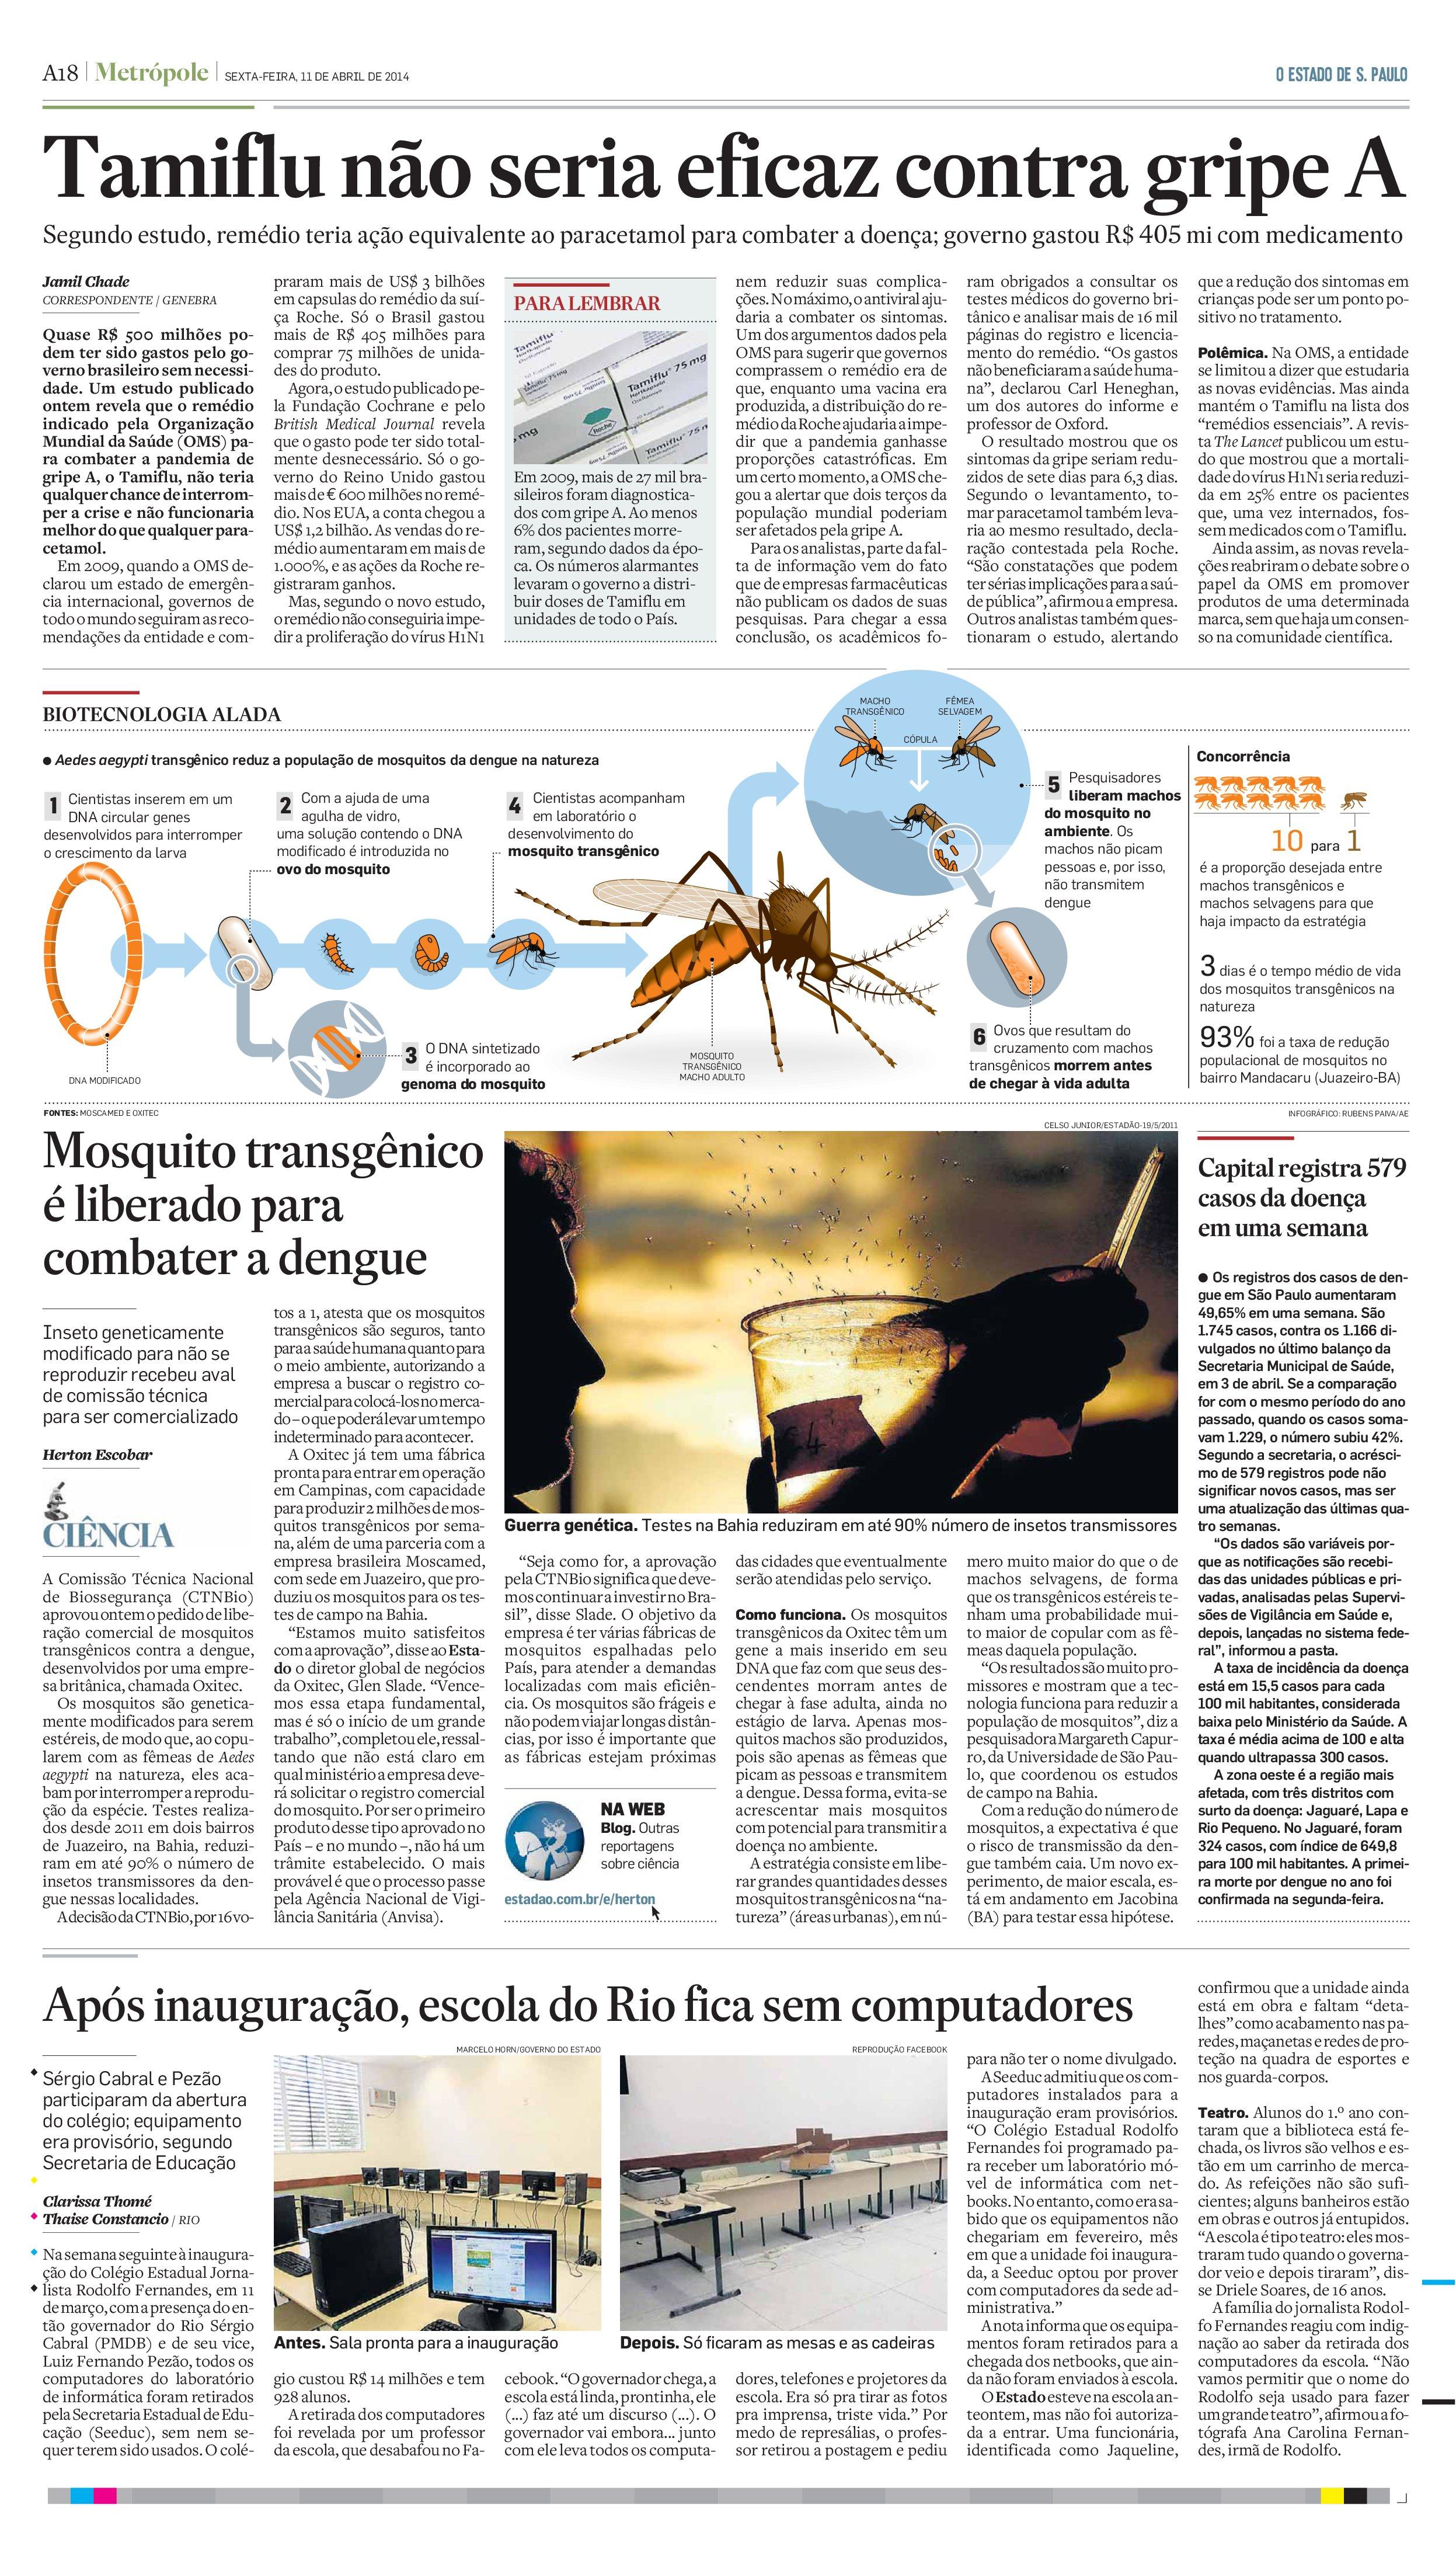 Mosquito transgênico é liberado para combater a dengue no Brasil